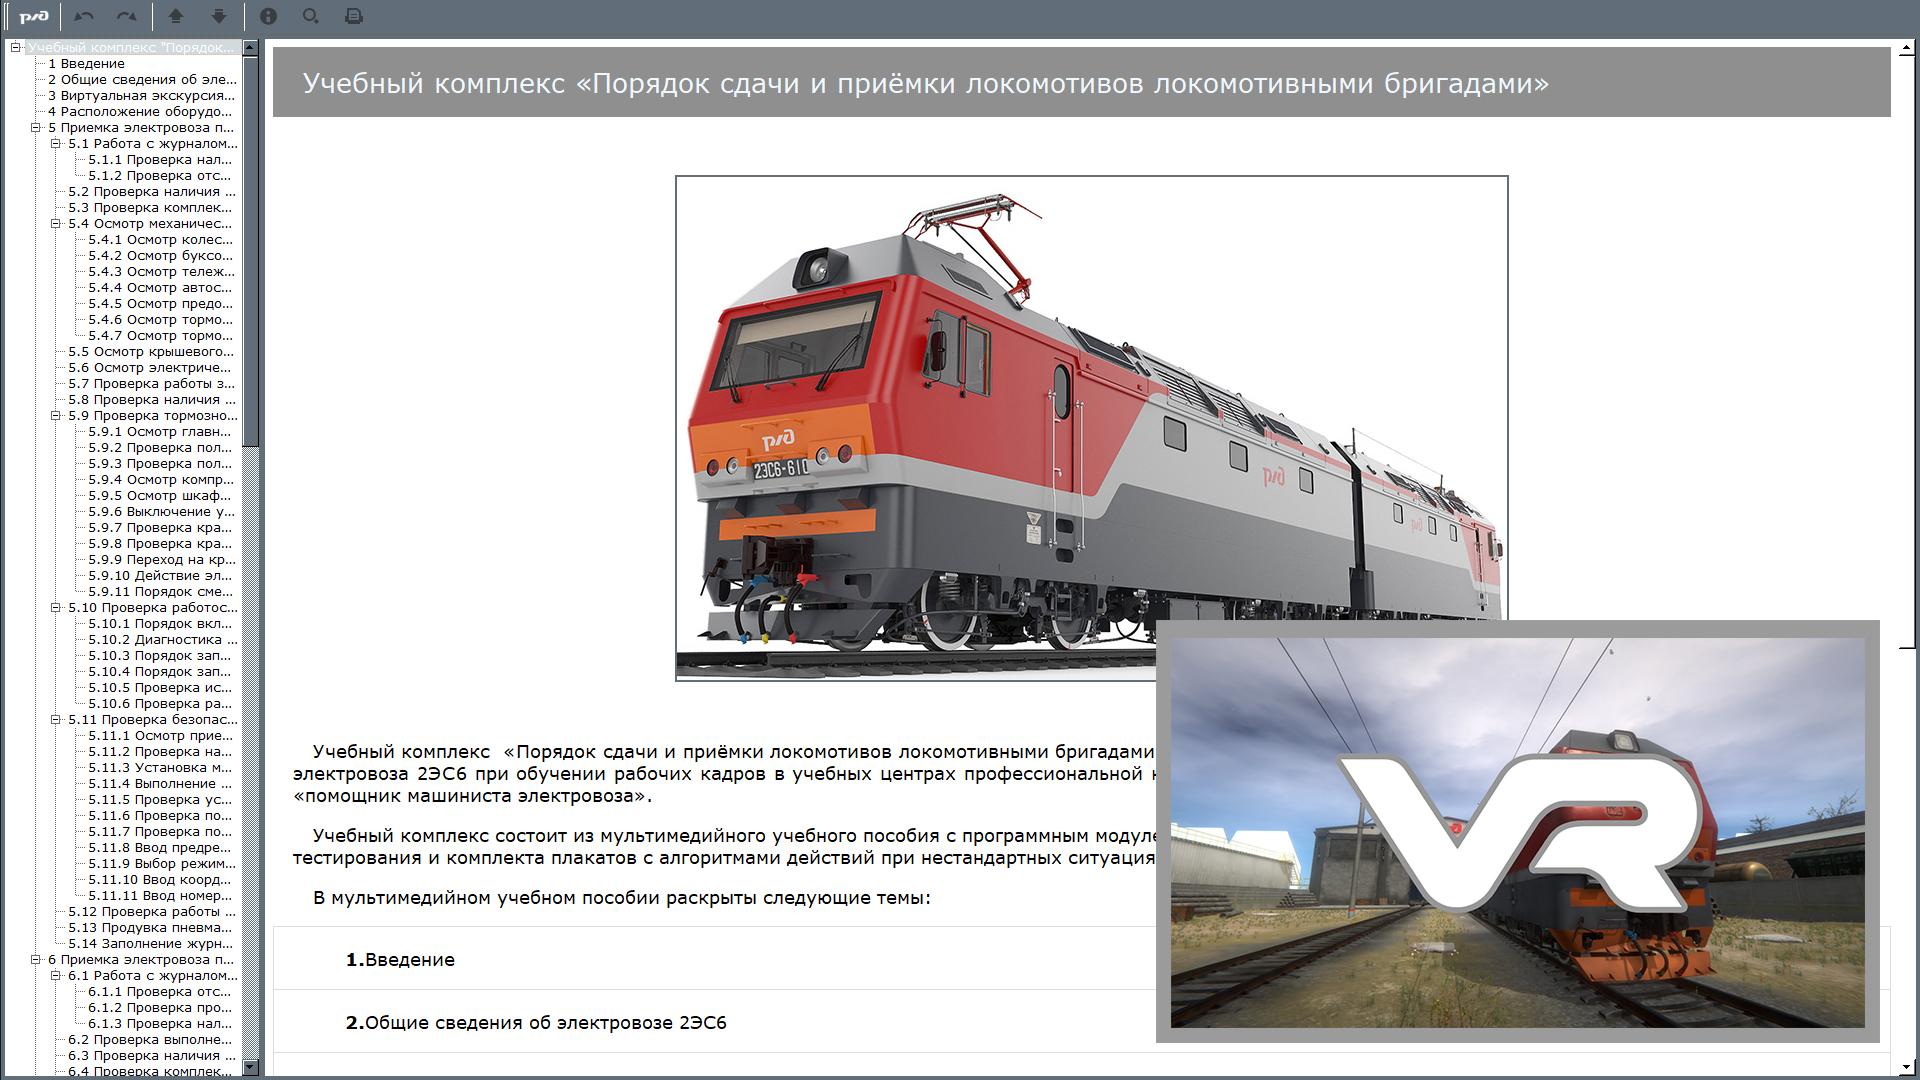 priemka 01 Электронный учебный комплекс «Порядок сдачи и приёмки локомотивов локомотивными бригадами»